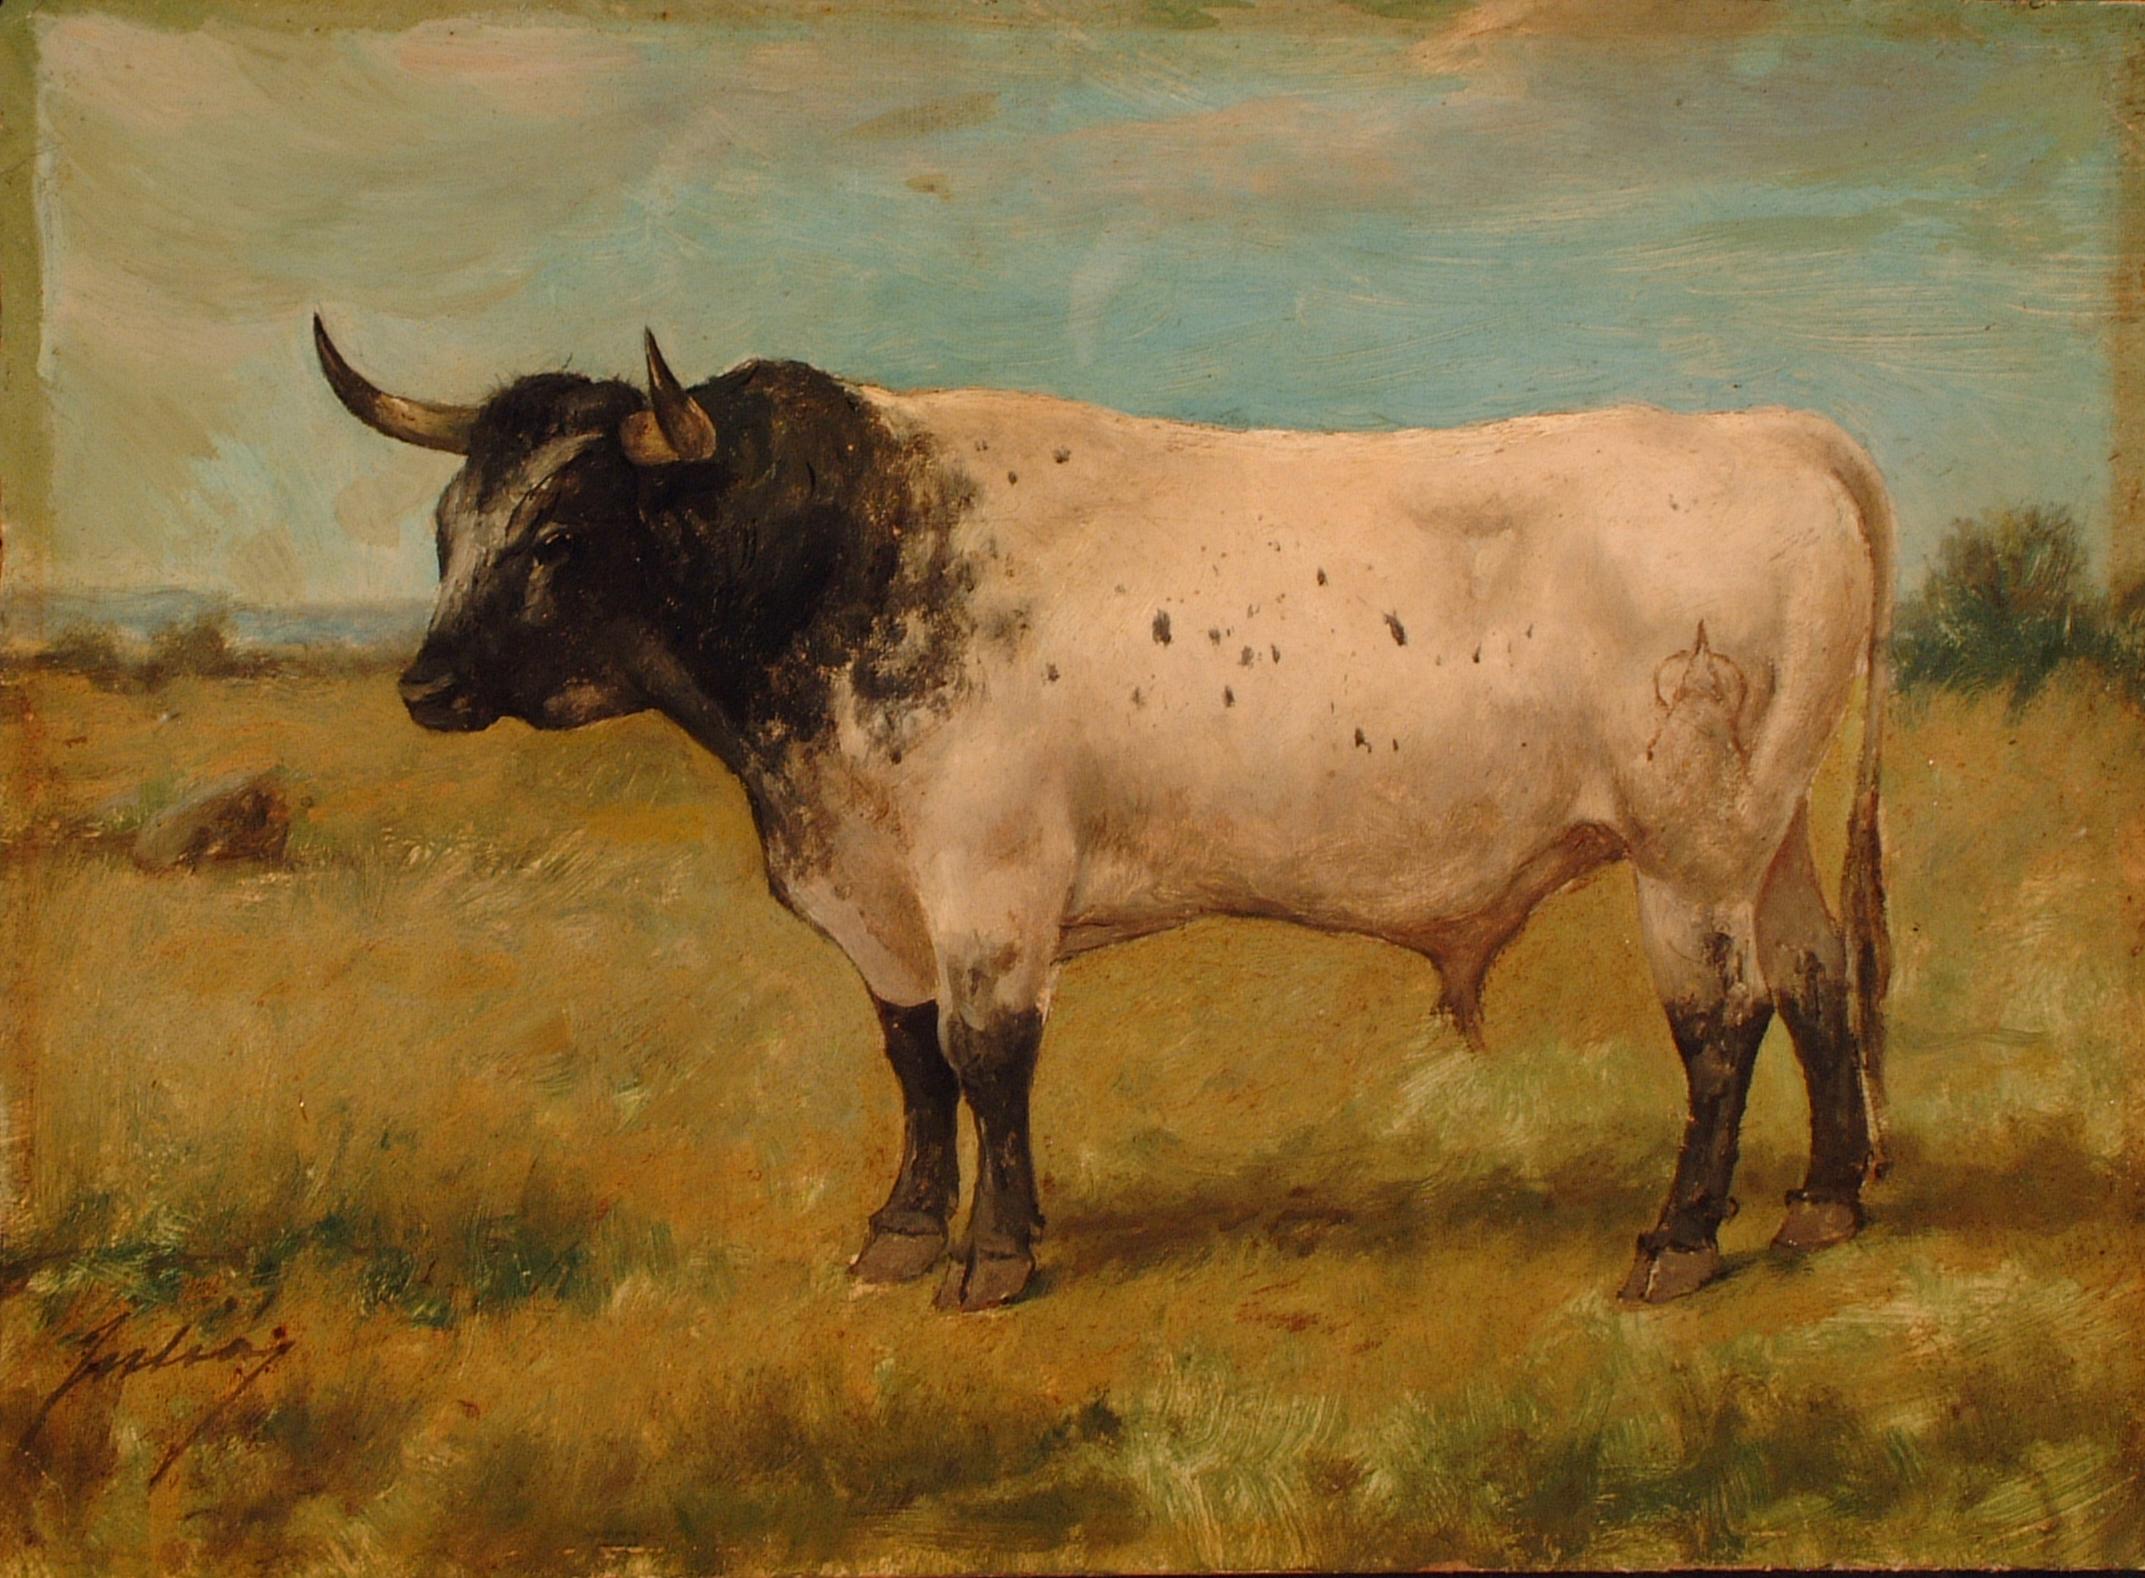 Jocinero, toro de Miura. L. Juliá, s. XIX. Archivo RMCS